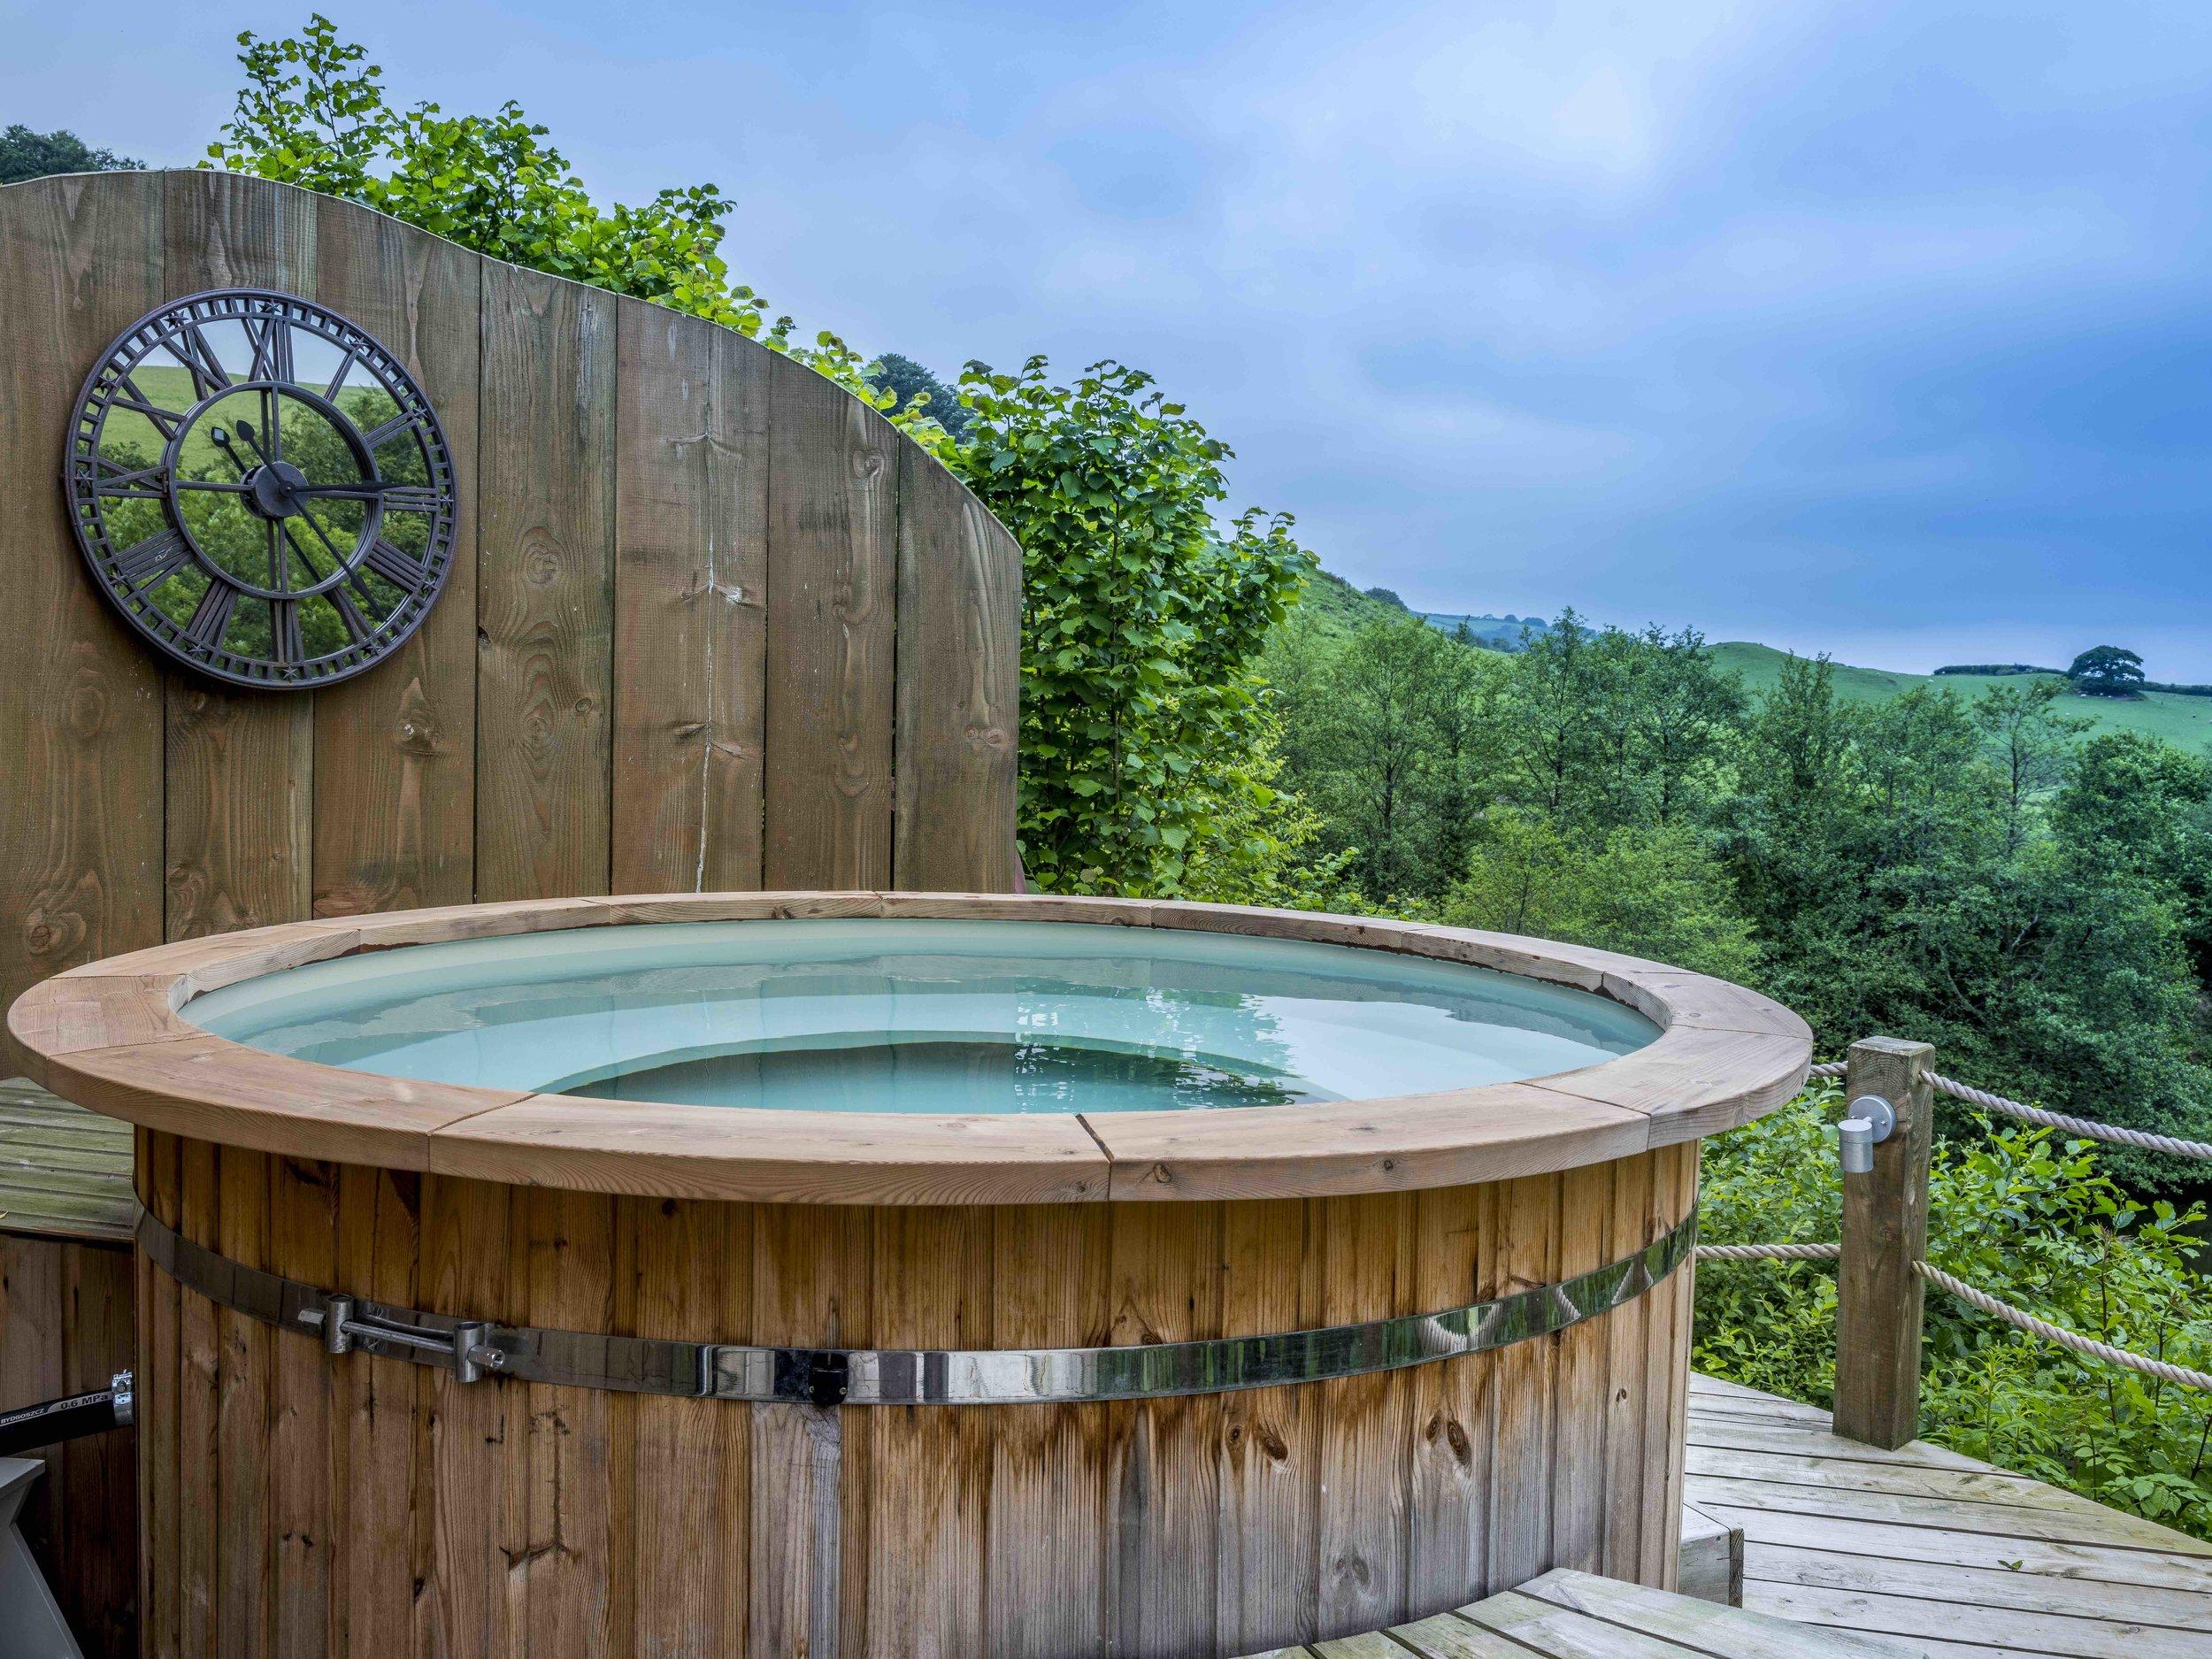 14.Hot tub main photo.jpg